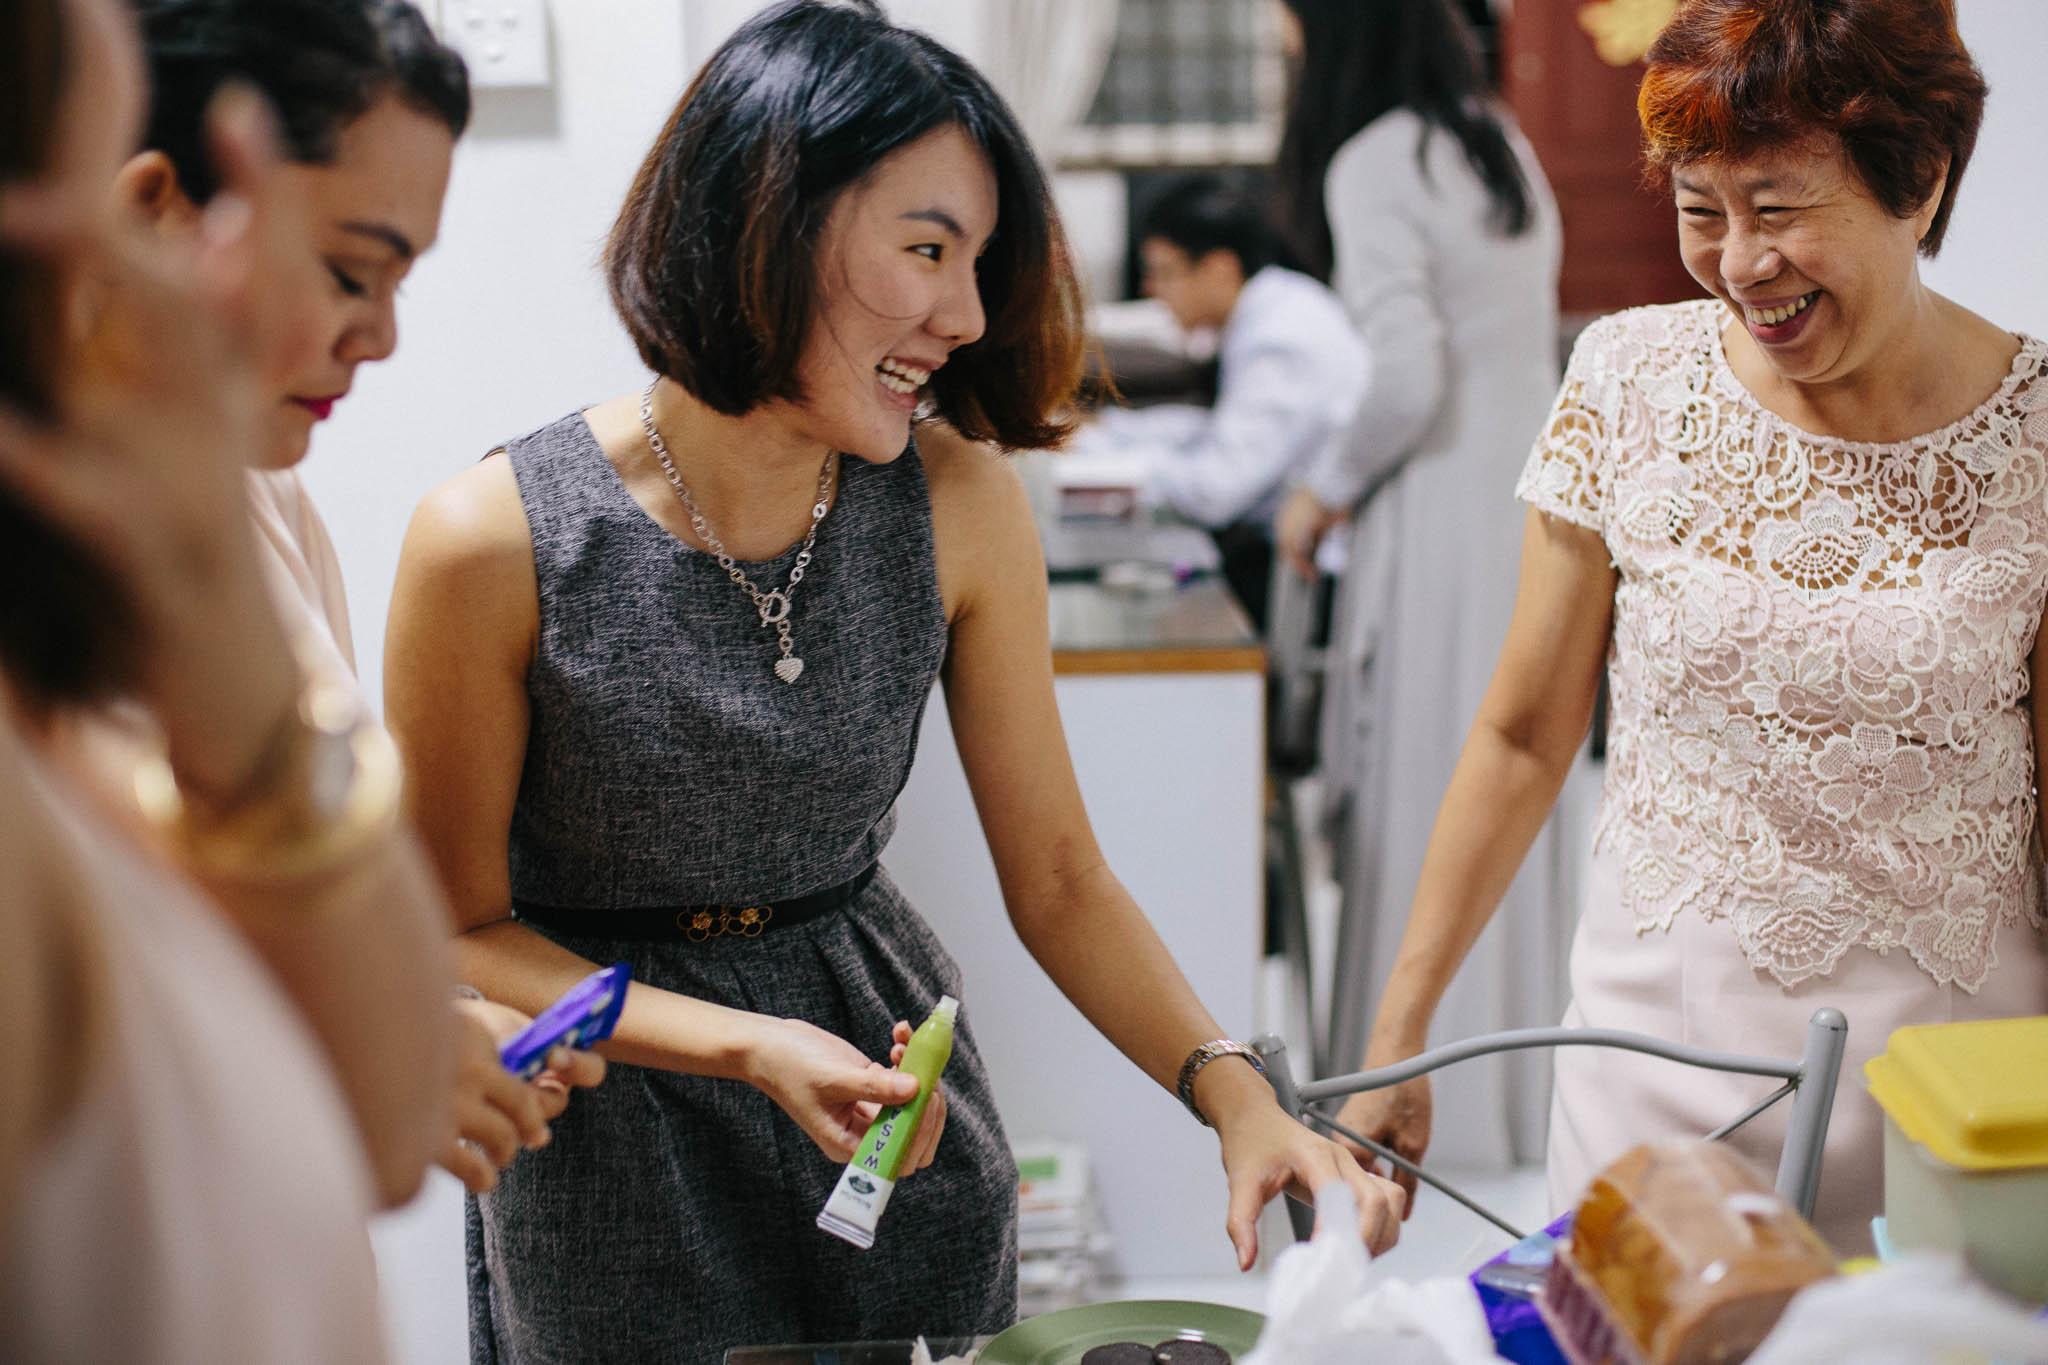 singapore-wedding-photographer-zhongwei-shihui-003.jpg